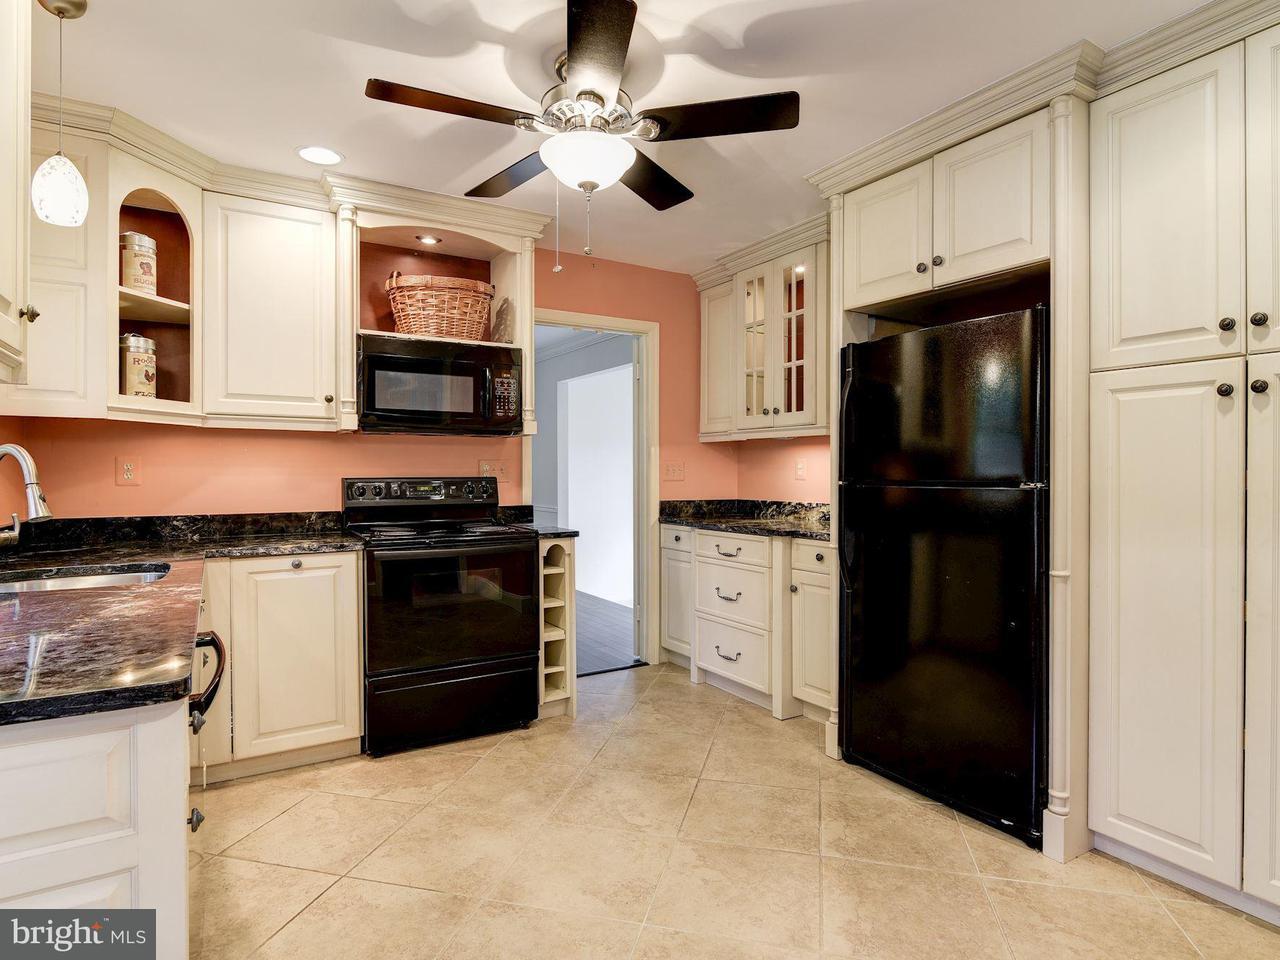 Частный односемейный дом для того Продажа на 10121 GRAVIER Court 10121 GRAVIER Court Montgomery Village, Мэриленд 20886 Соединенные Штаты